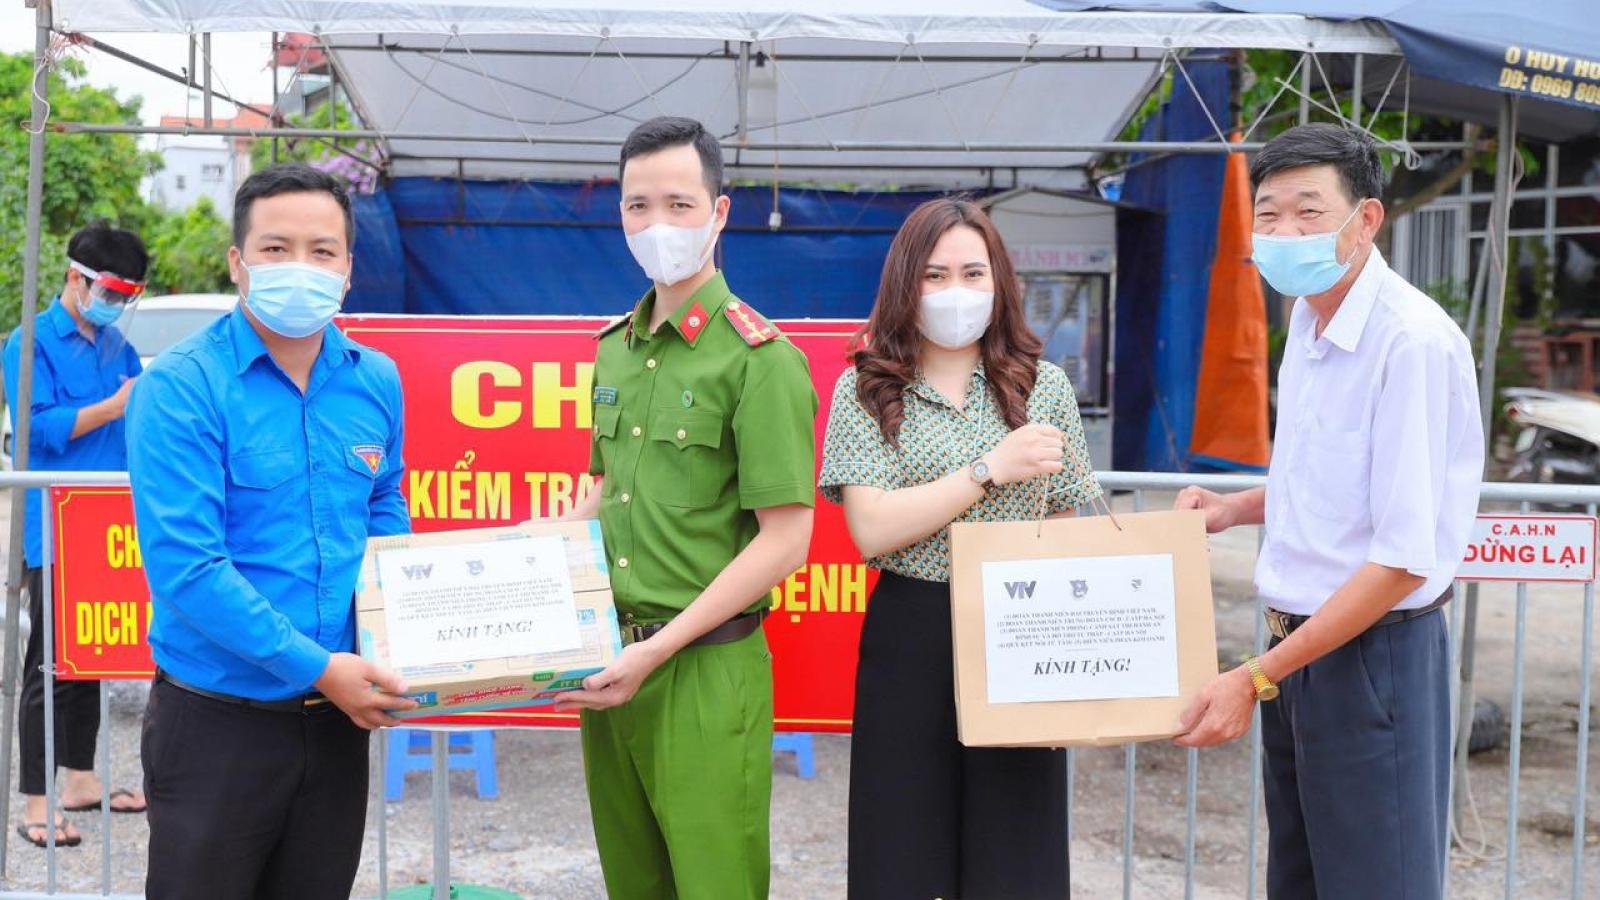 Diễn viên Phan Kim Oanh cùng Đoàn Thanh niên CA Hà Nội ủng hộ vật tư chống dịch Covid-19